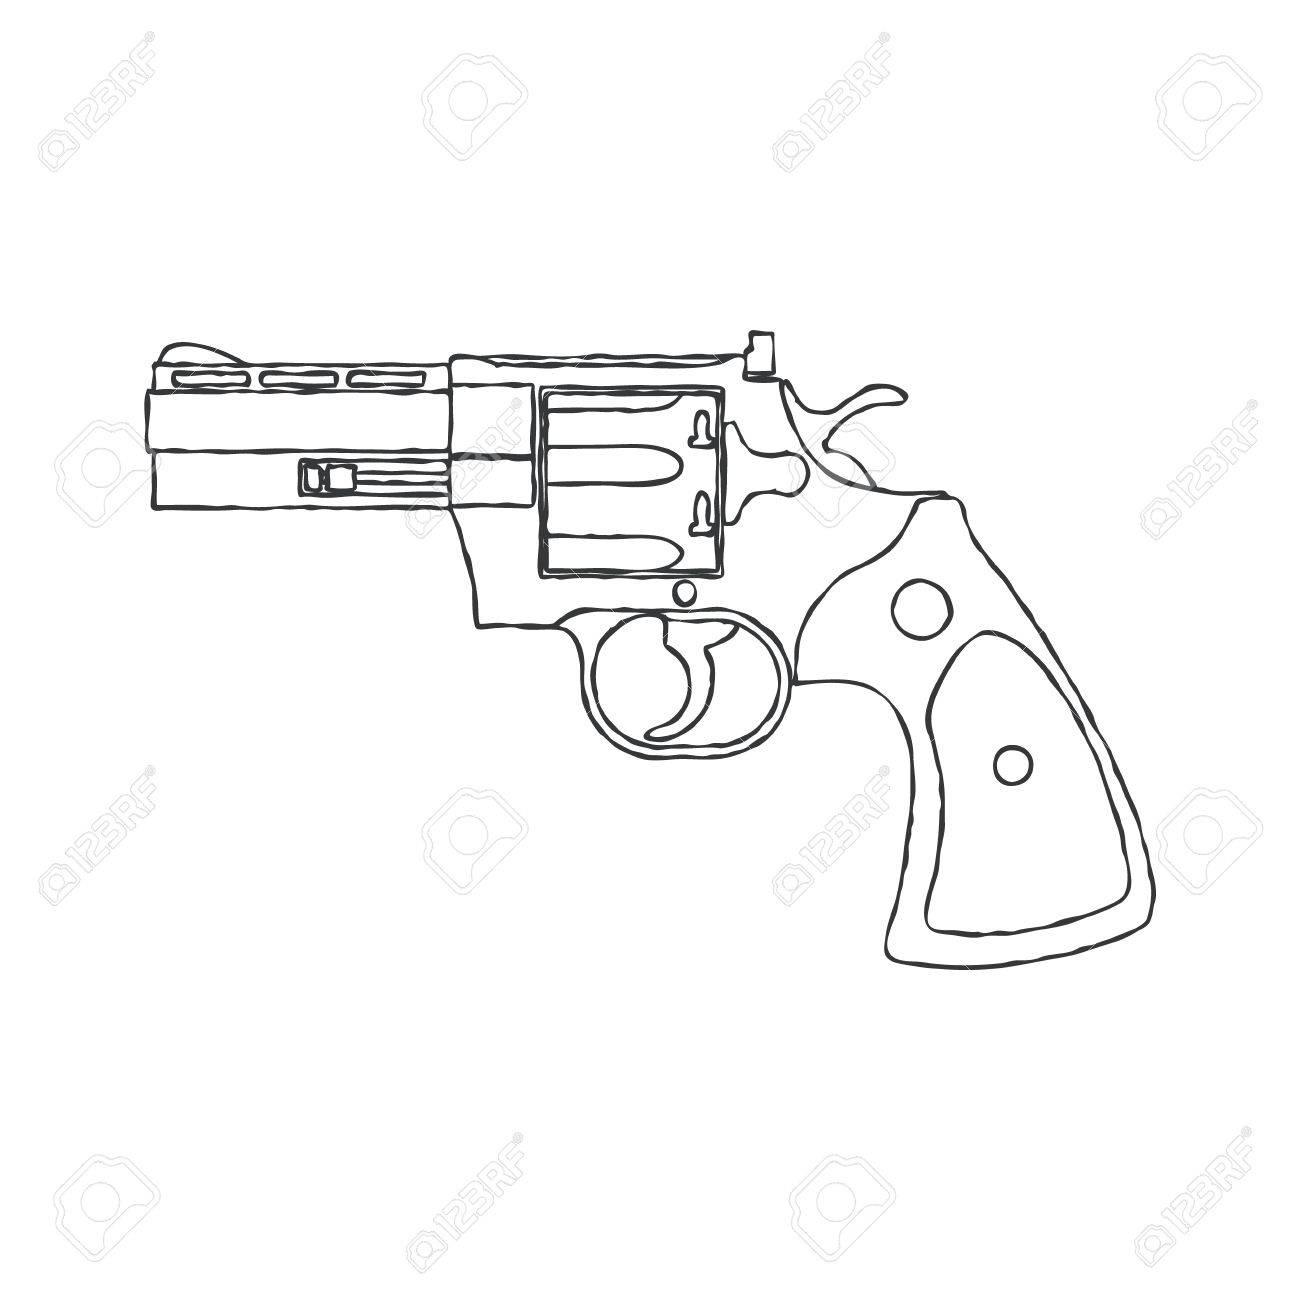 1300x1300 Vintage Revolver Gun. Firearm, Pistol. Vector Illustration Royalty